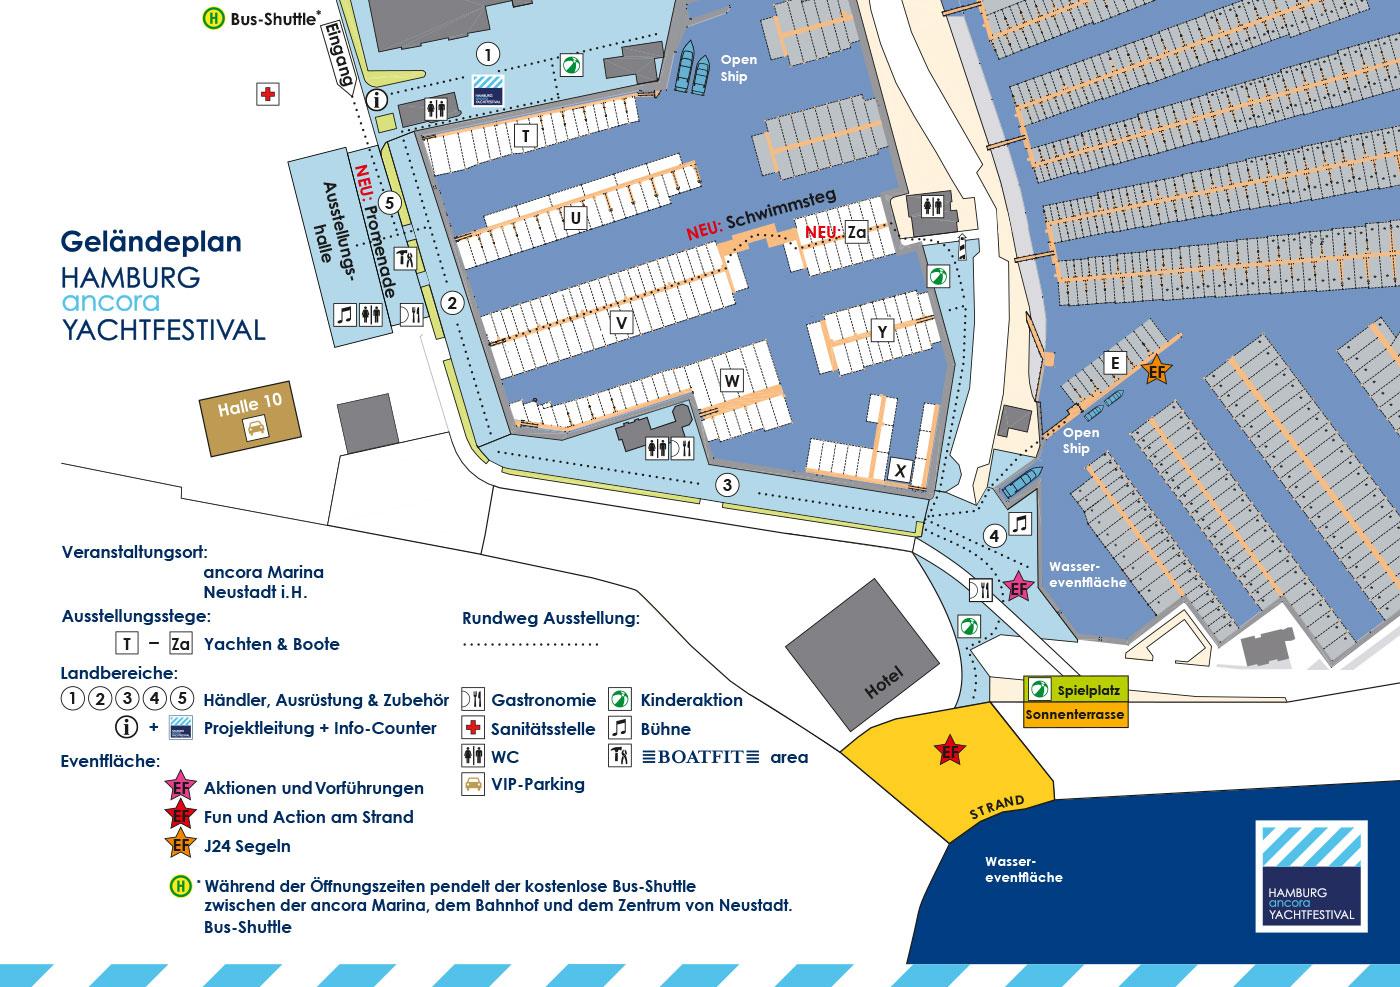 Geländeplan für Yachtfestival